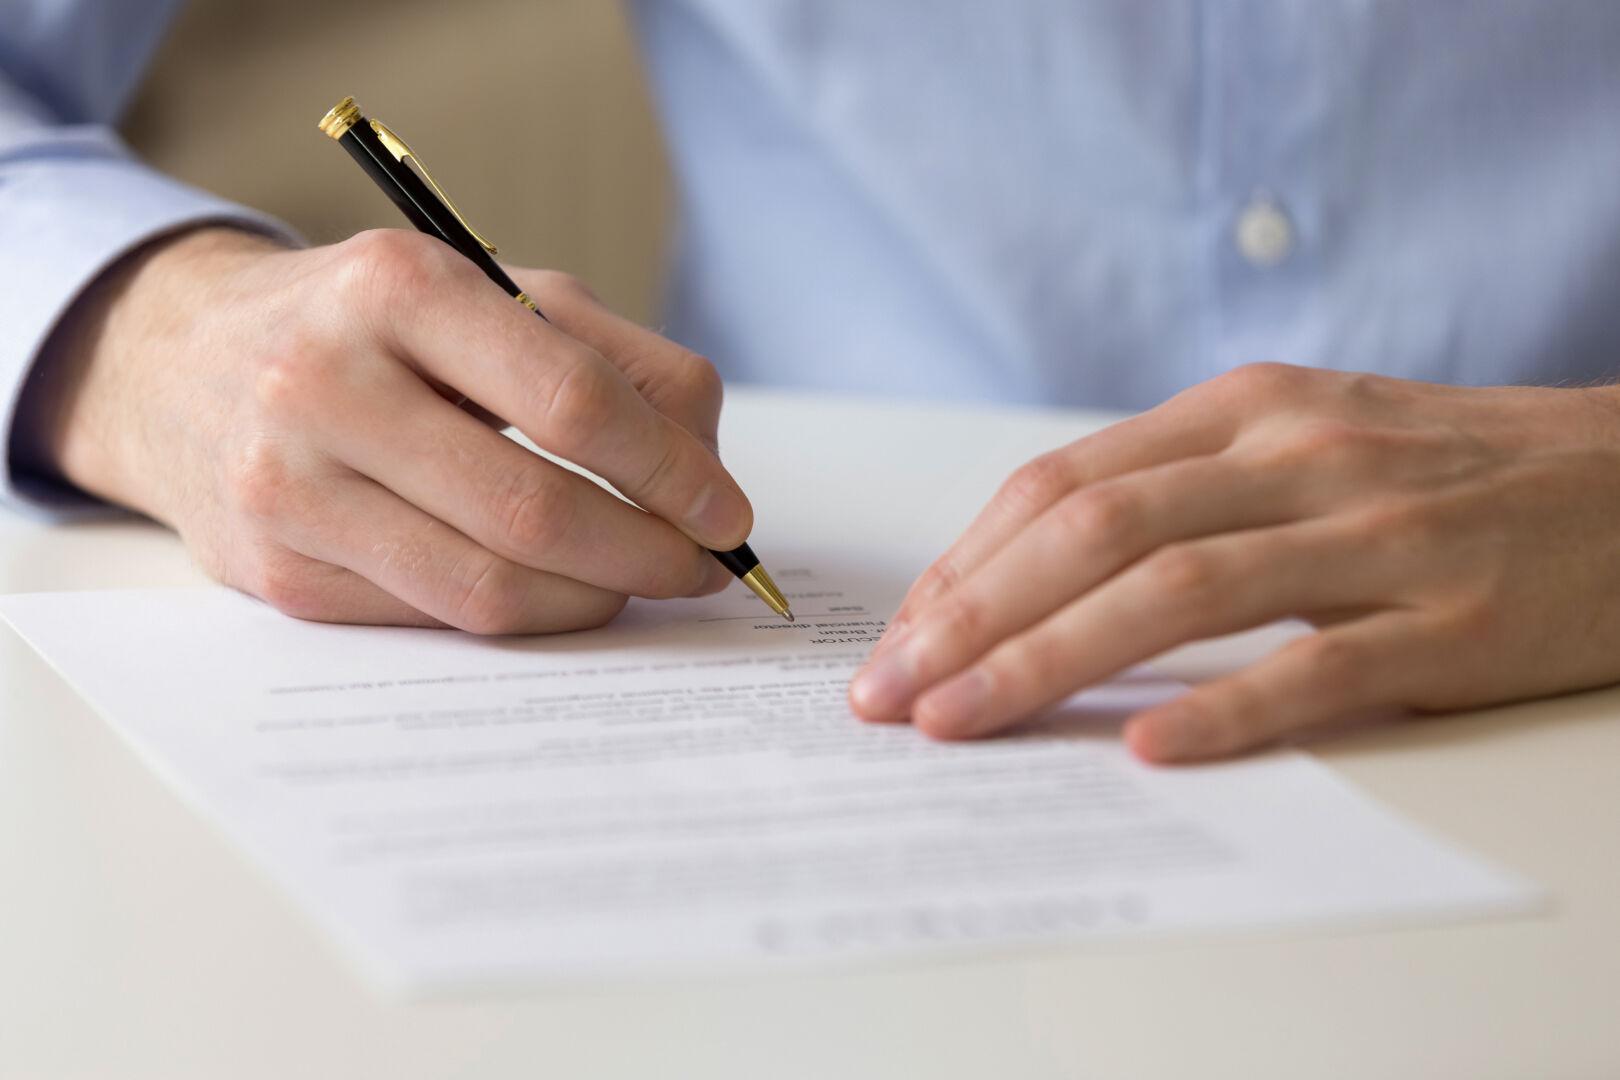 «Nullité du mandat pour défaut de mention du nom et de la qualité de l'agent commercial», Caroline Tomasi-Serre, avocate au Barreau de Paris